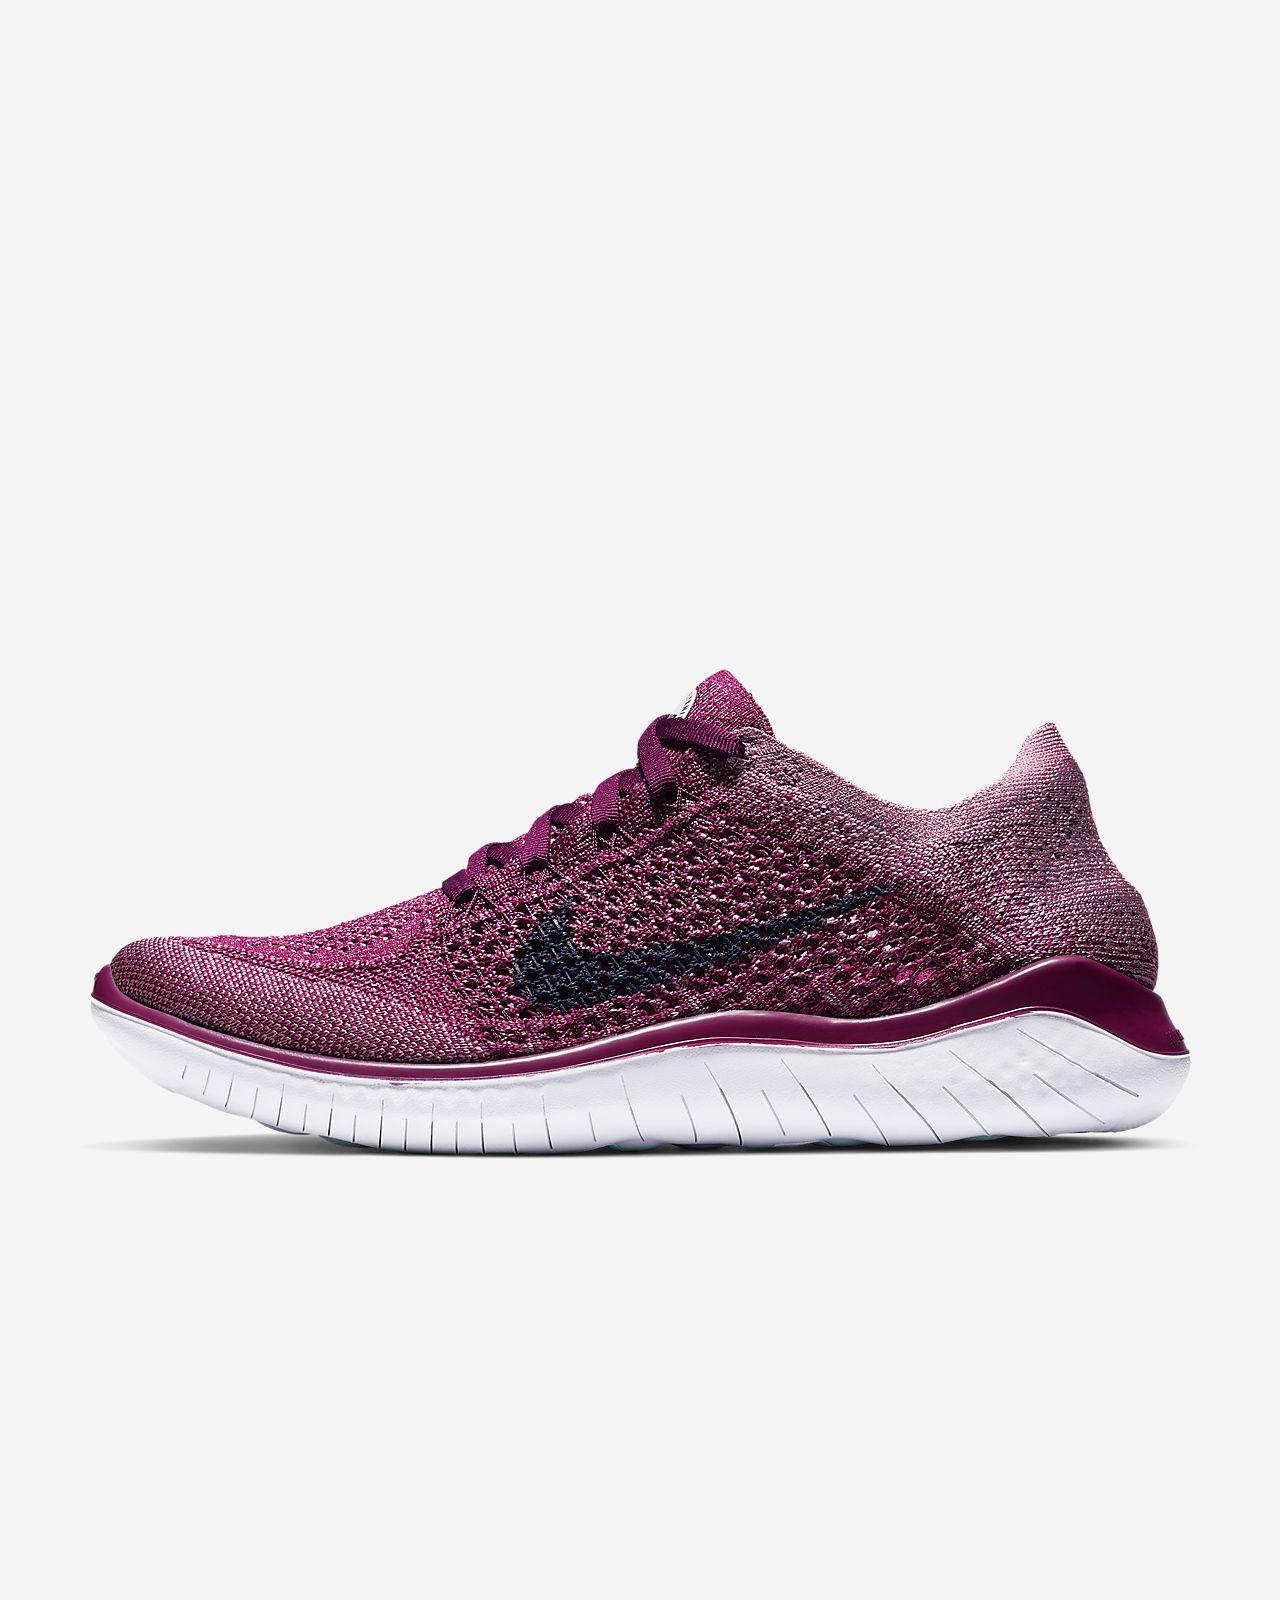 c0454455063 Nike Free RN Flyknit 2018 Women's Running Shoe. Nike.com